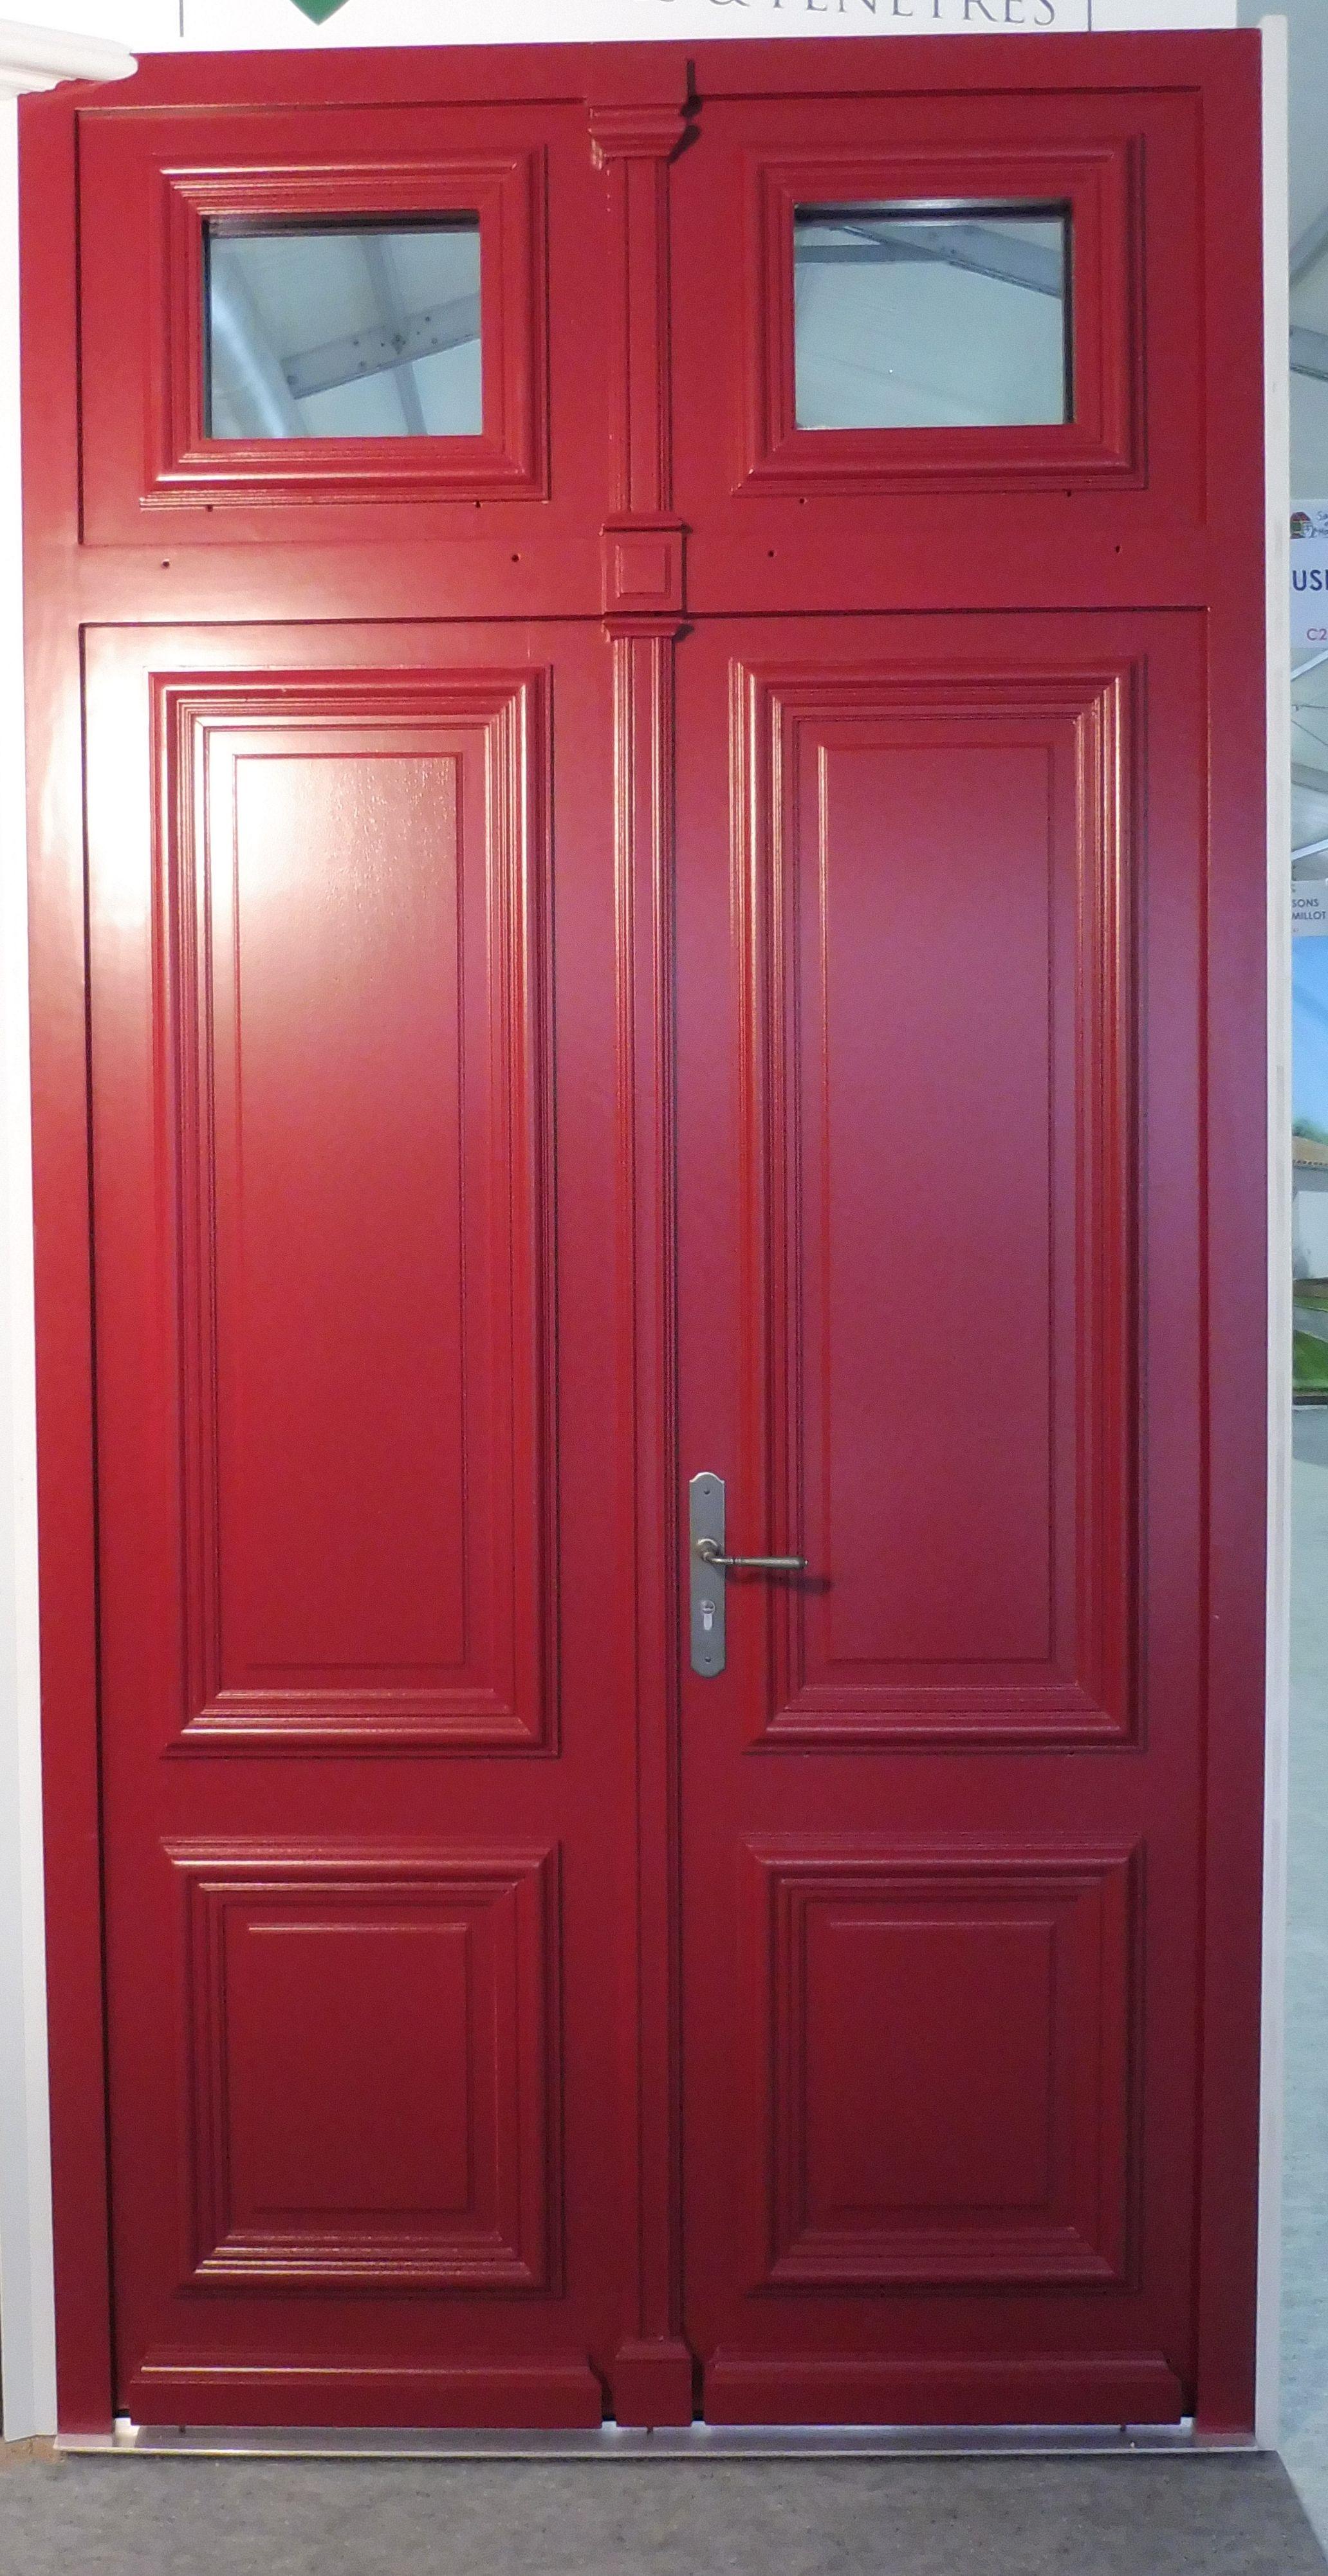 Porte d 39 entr e 2 vantaux avec imposte vitr e avec finition laqu e ral 3004 rouge pourpre - Porte d entree 2 vantaux tierces ...